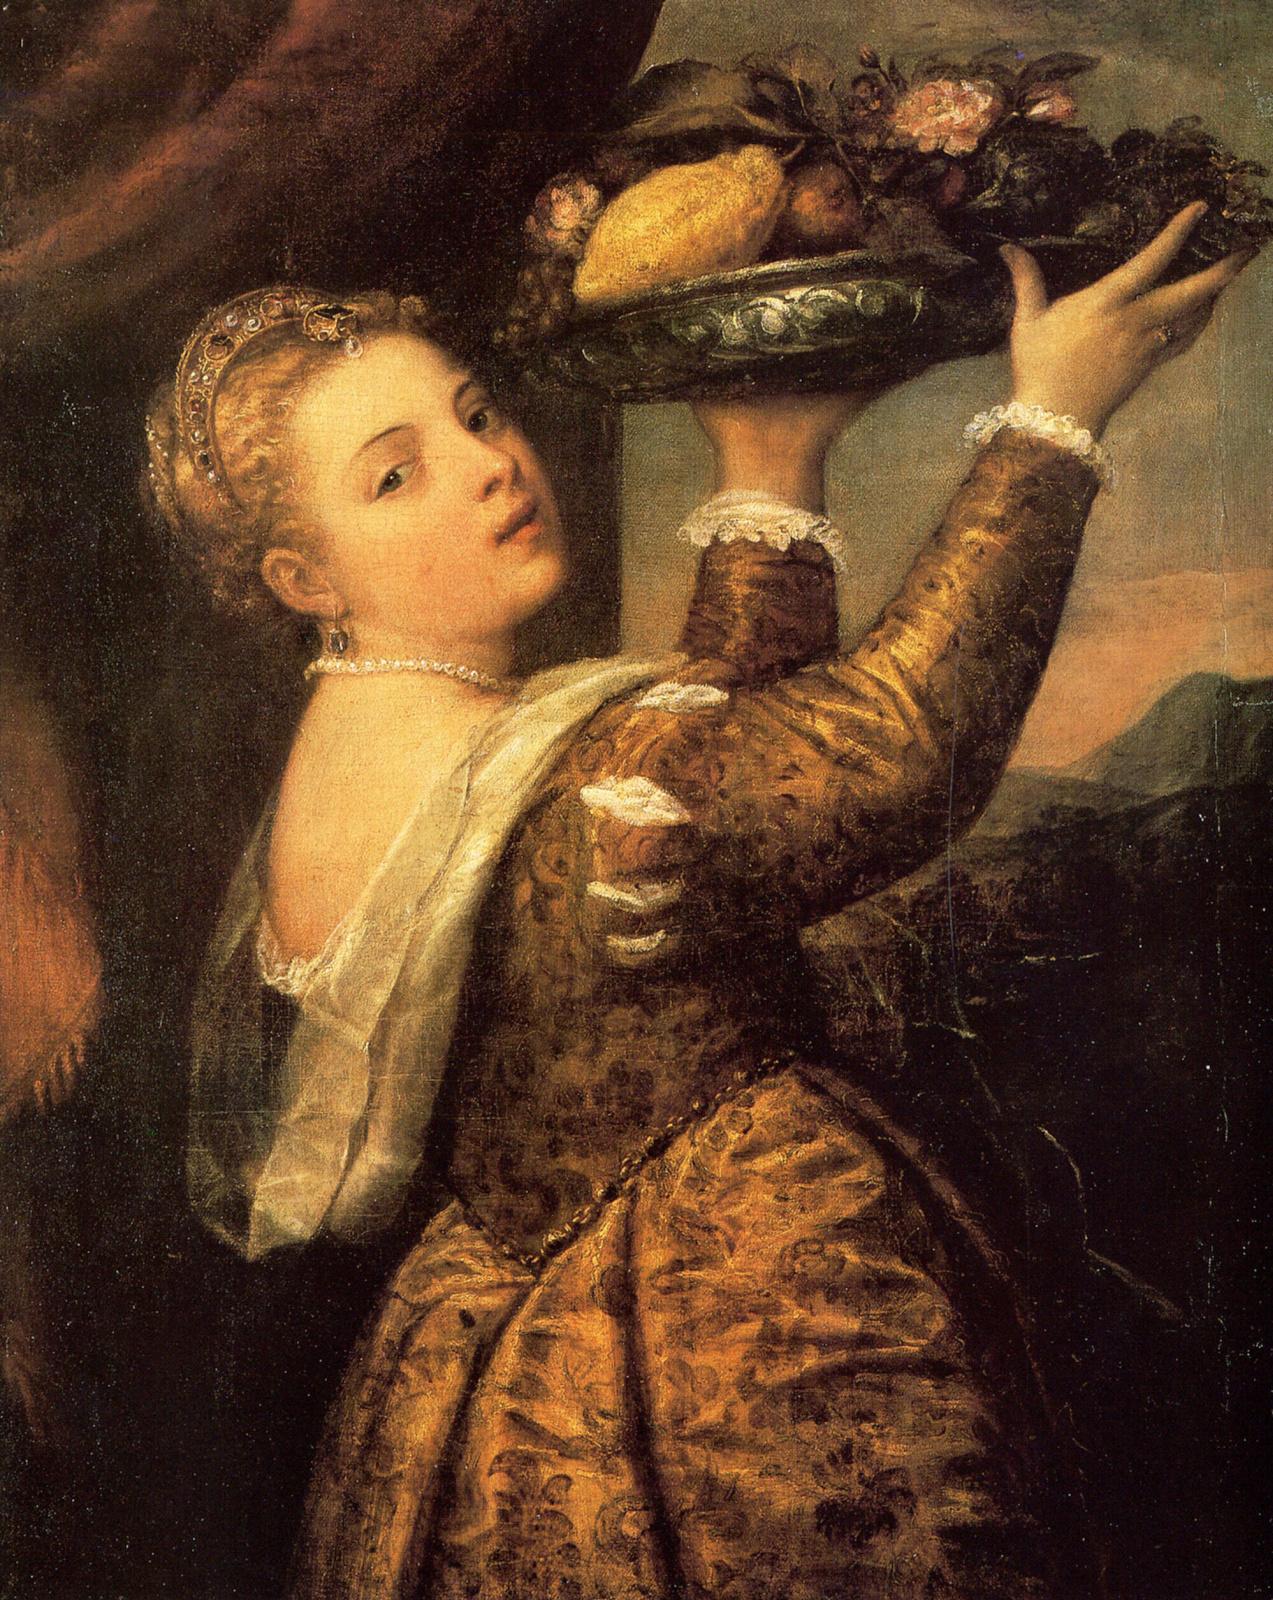 Тициан Вечеллио. Девушка с корзиной фруктов (Дочь художника Лавиния)